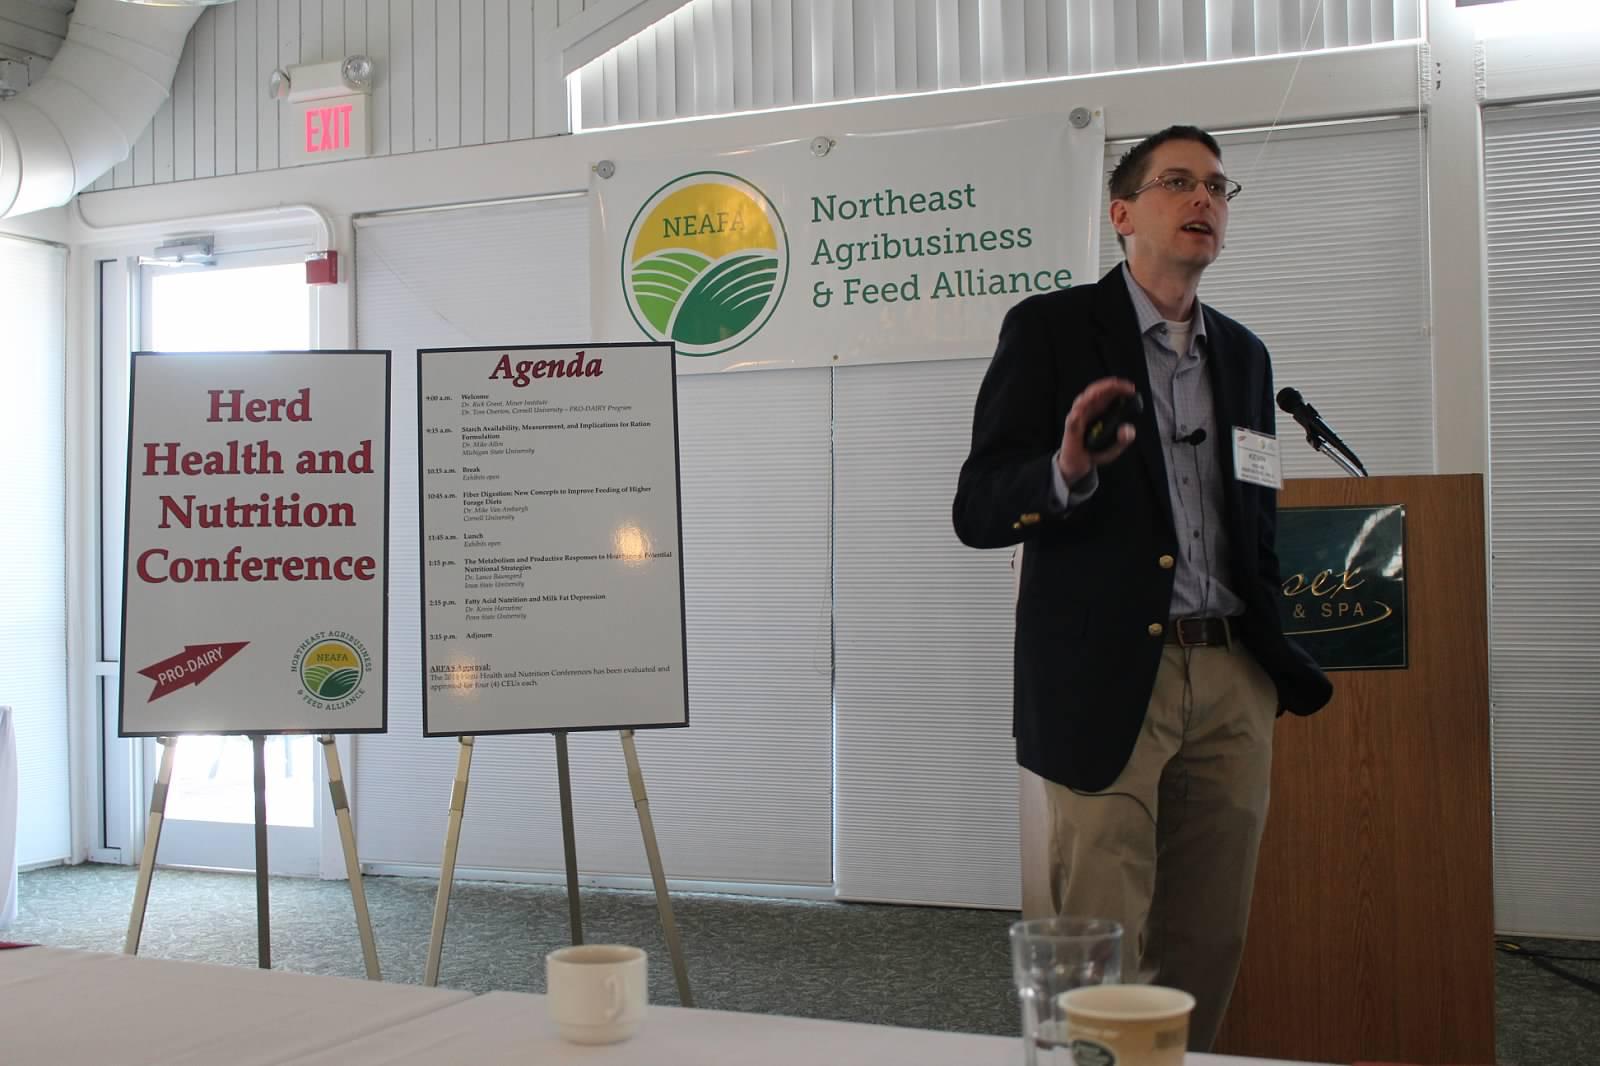 Herd-Health-Vermont-3-19-15-026.jpg